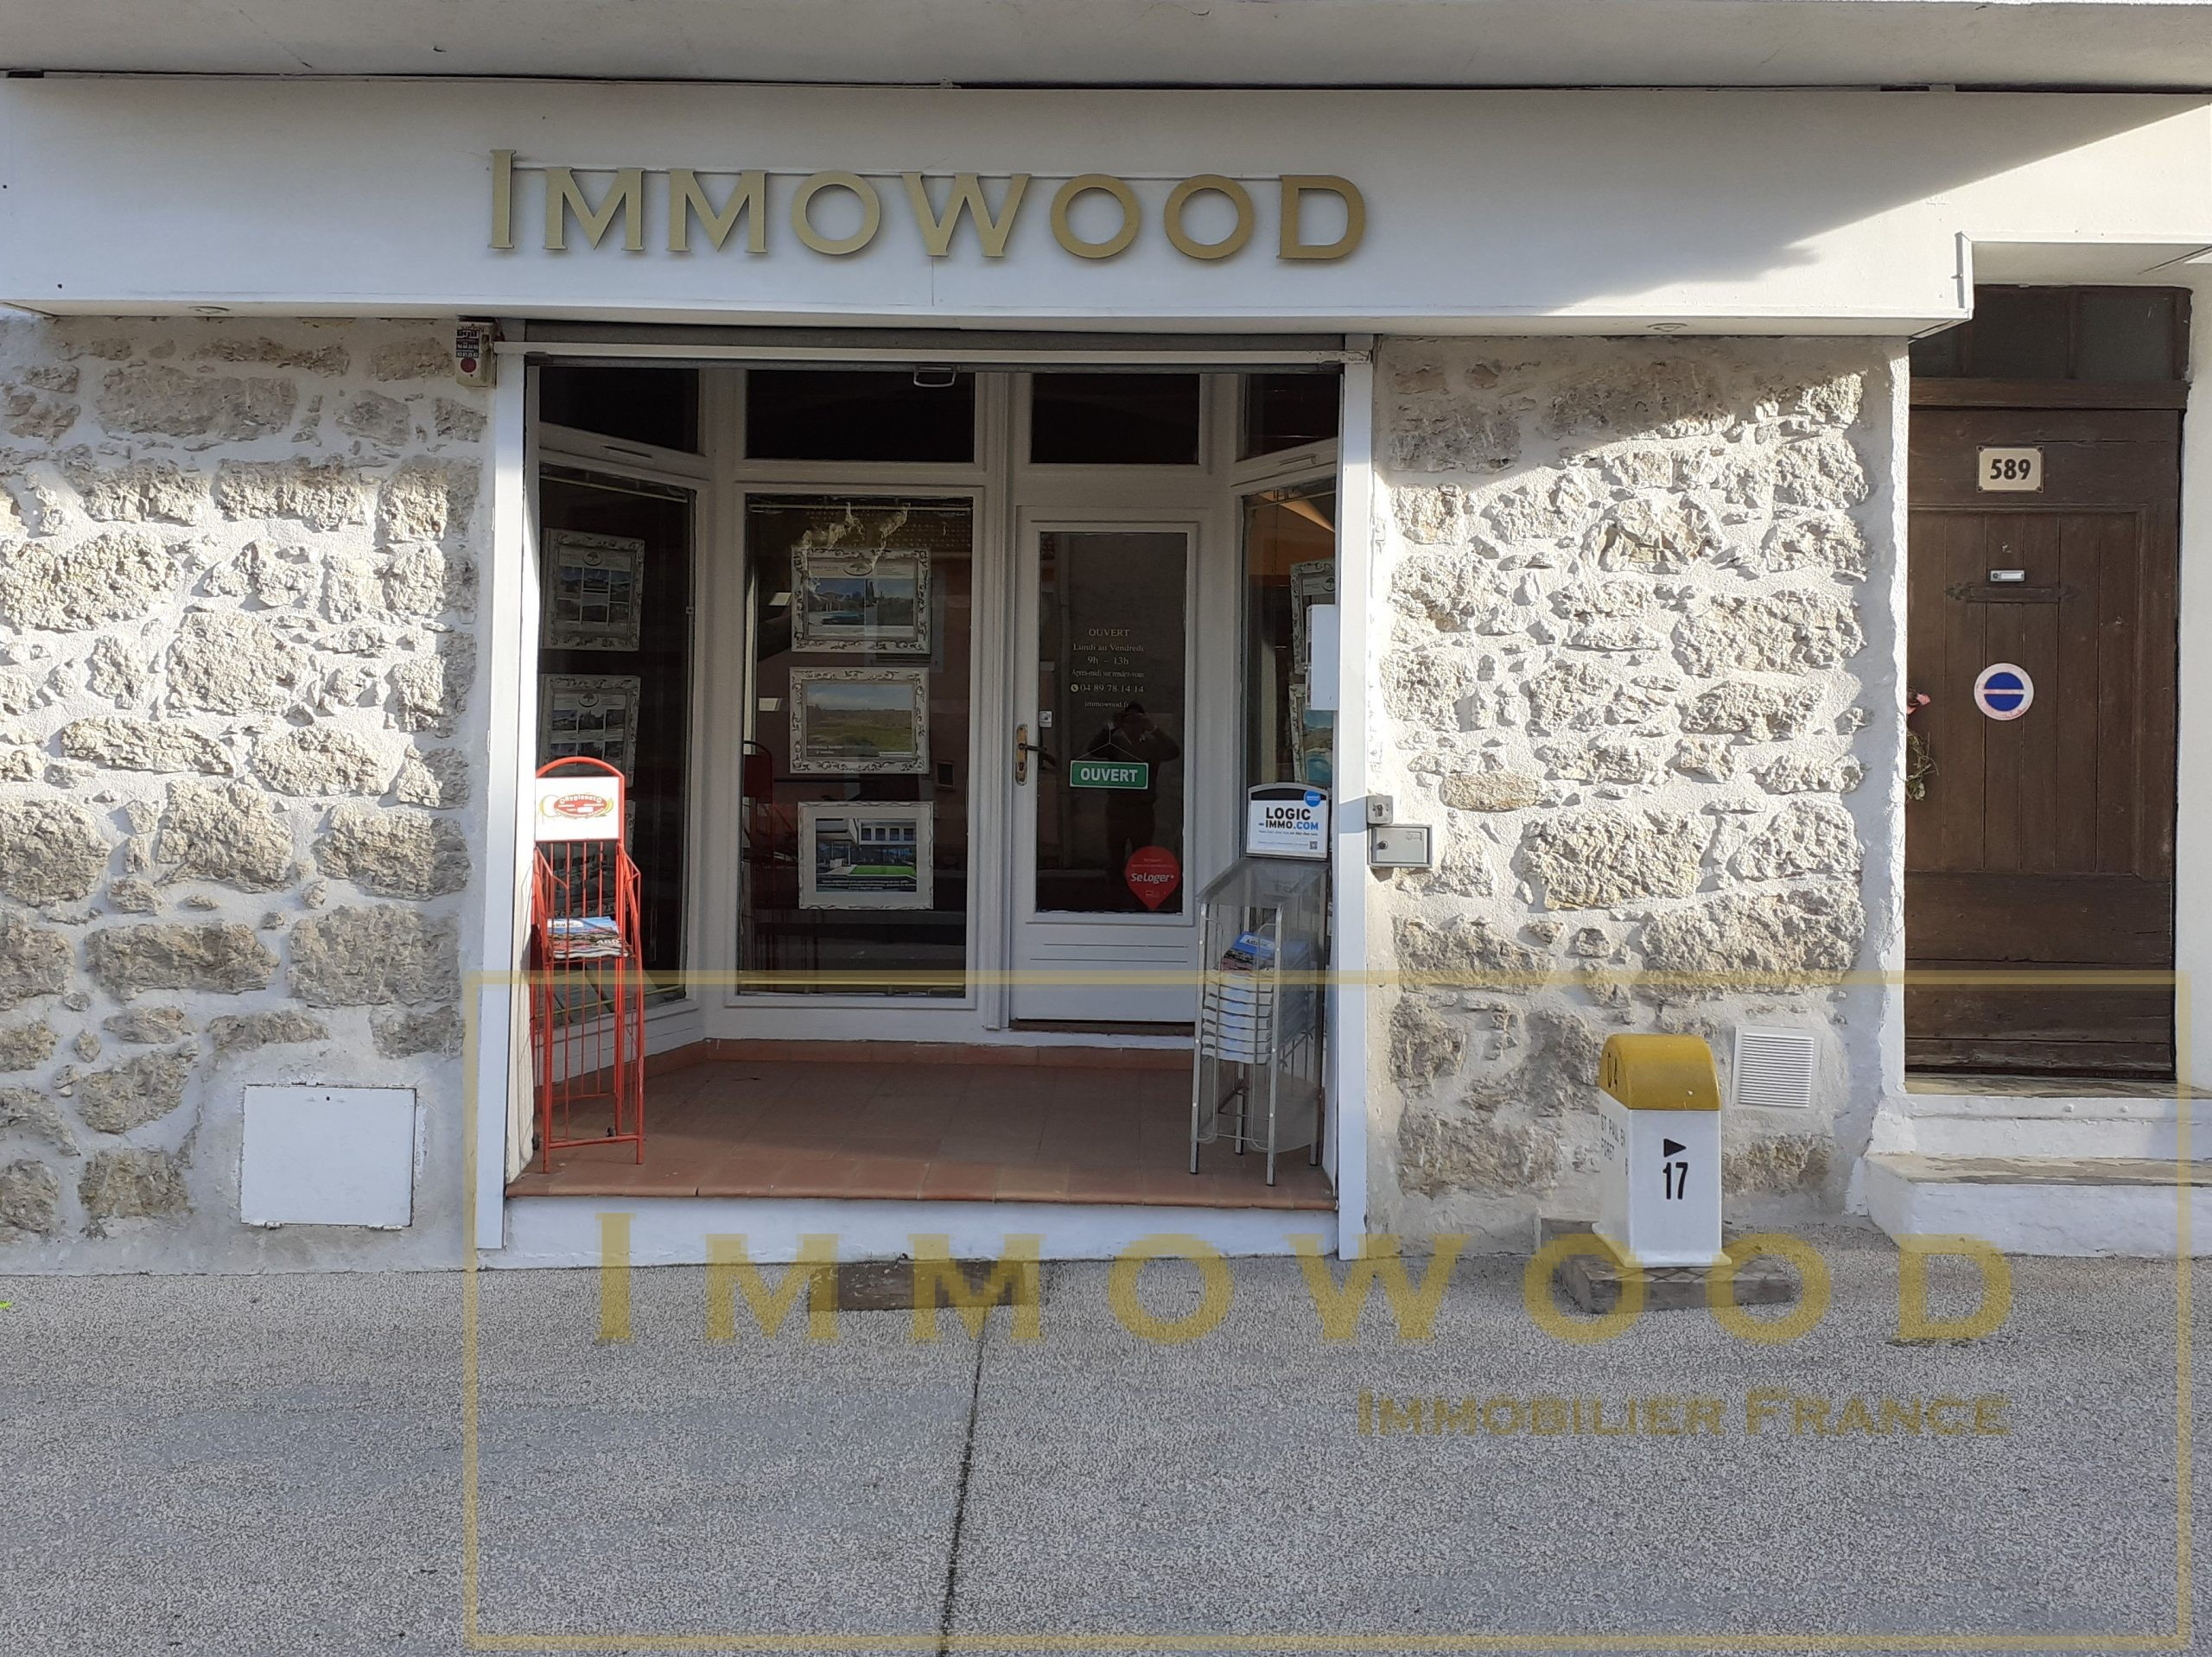 IMMOWOOD BAGNOLS EN FORET